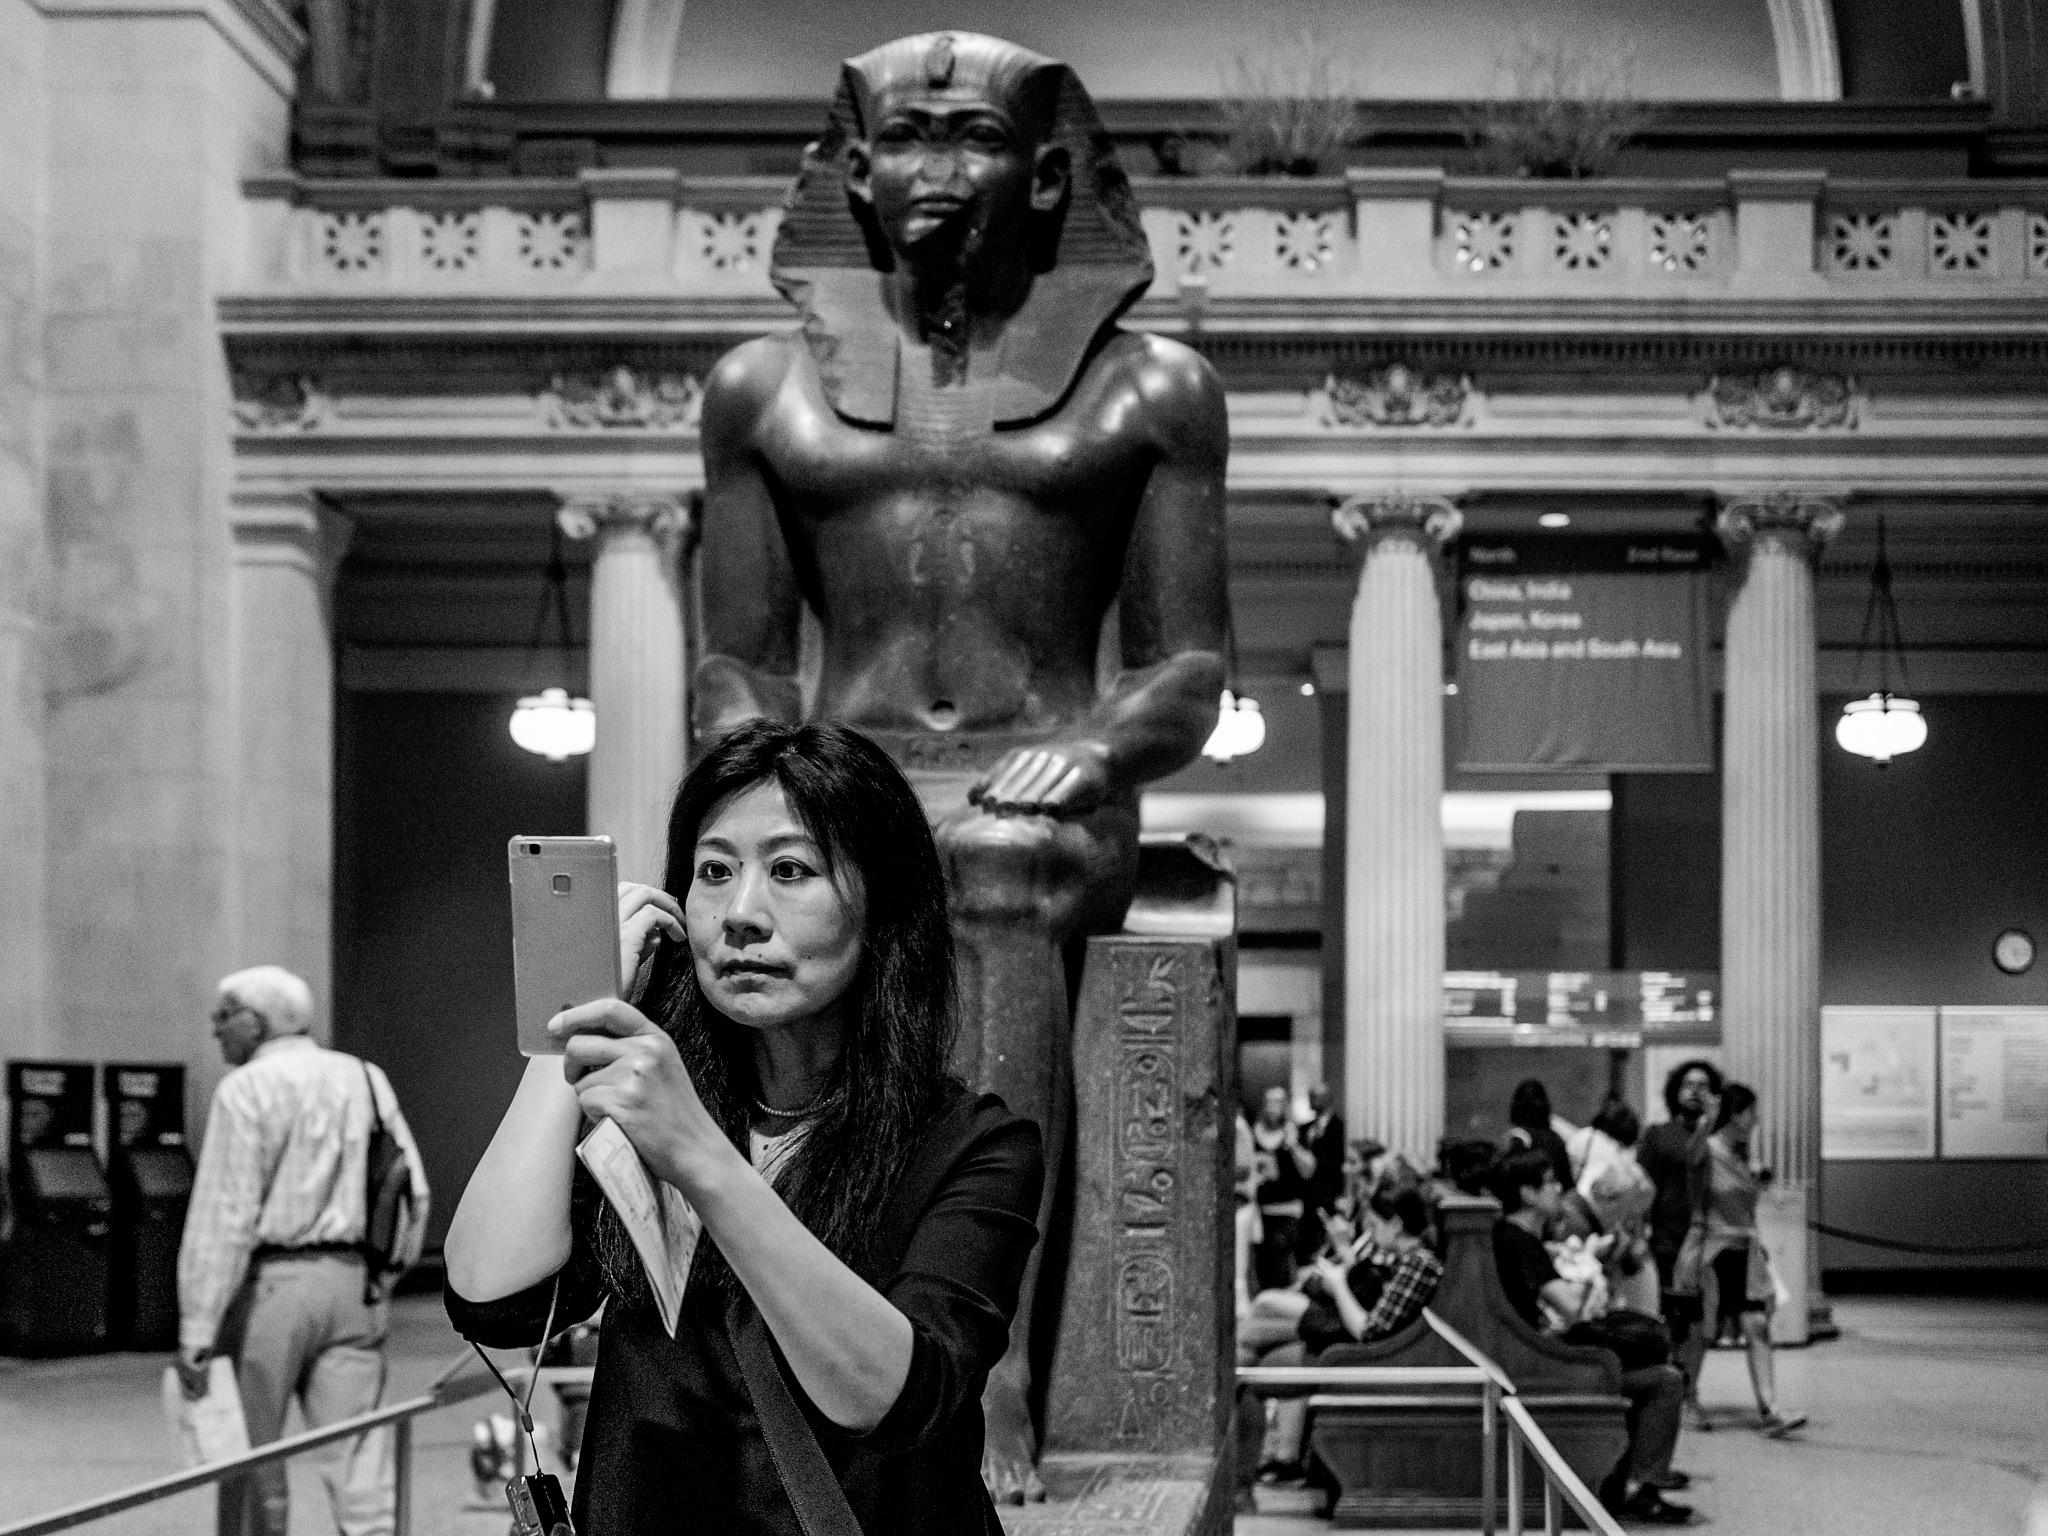 New York minute - Selfie... by Carlos Antonorsi